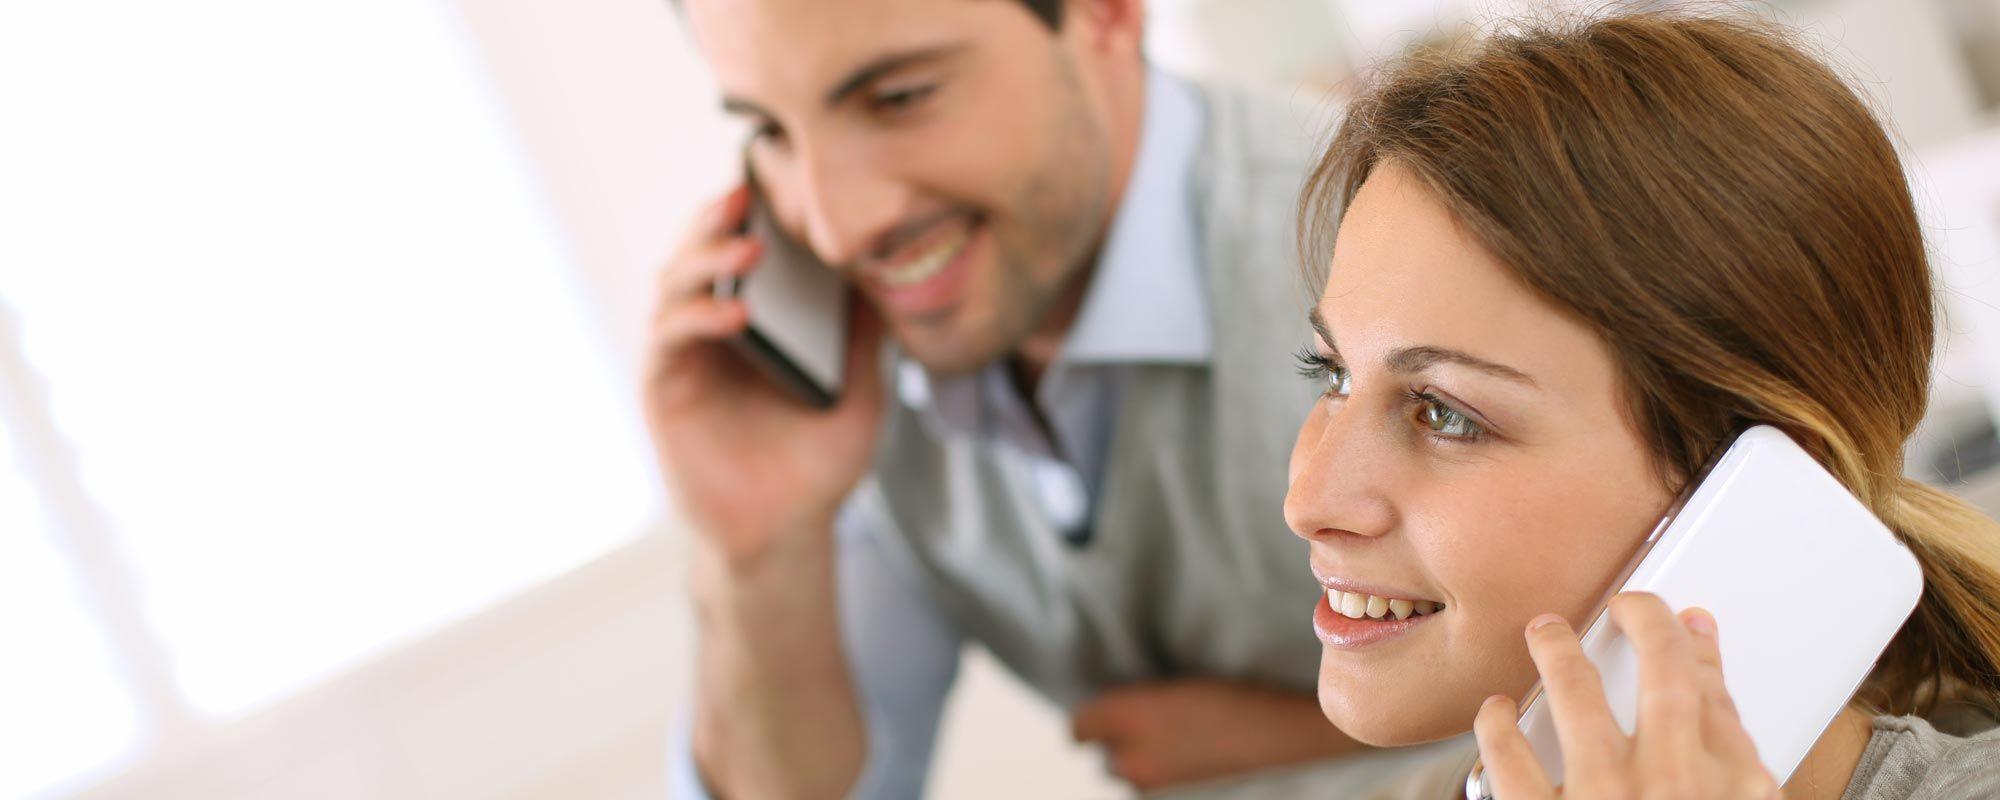 Des stratèges pour promouvoir votre entreprise avec agenceverywell.fr